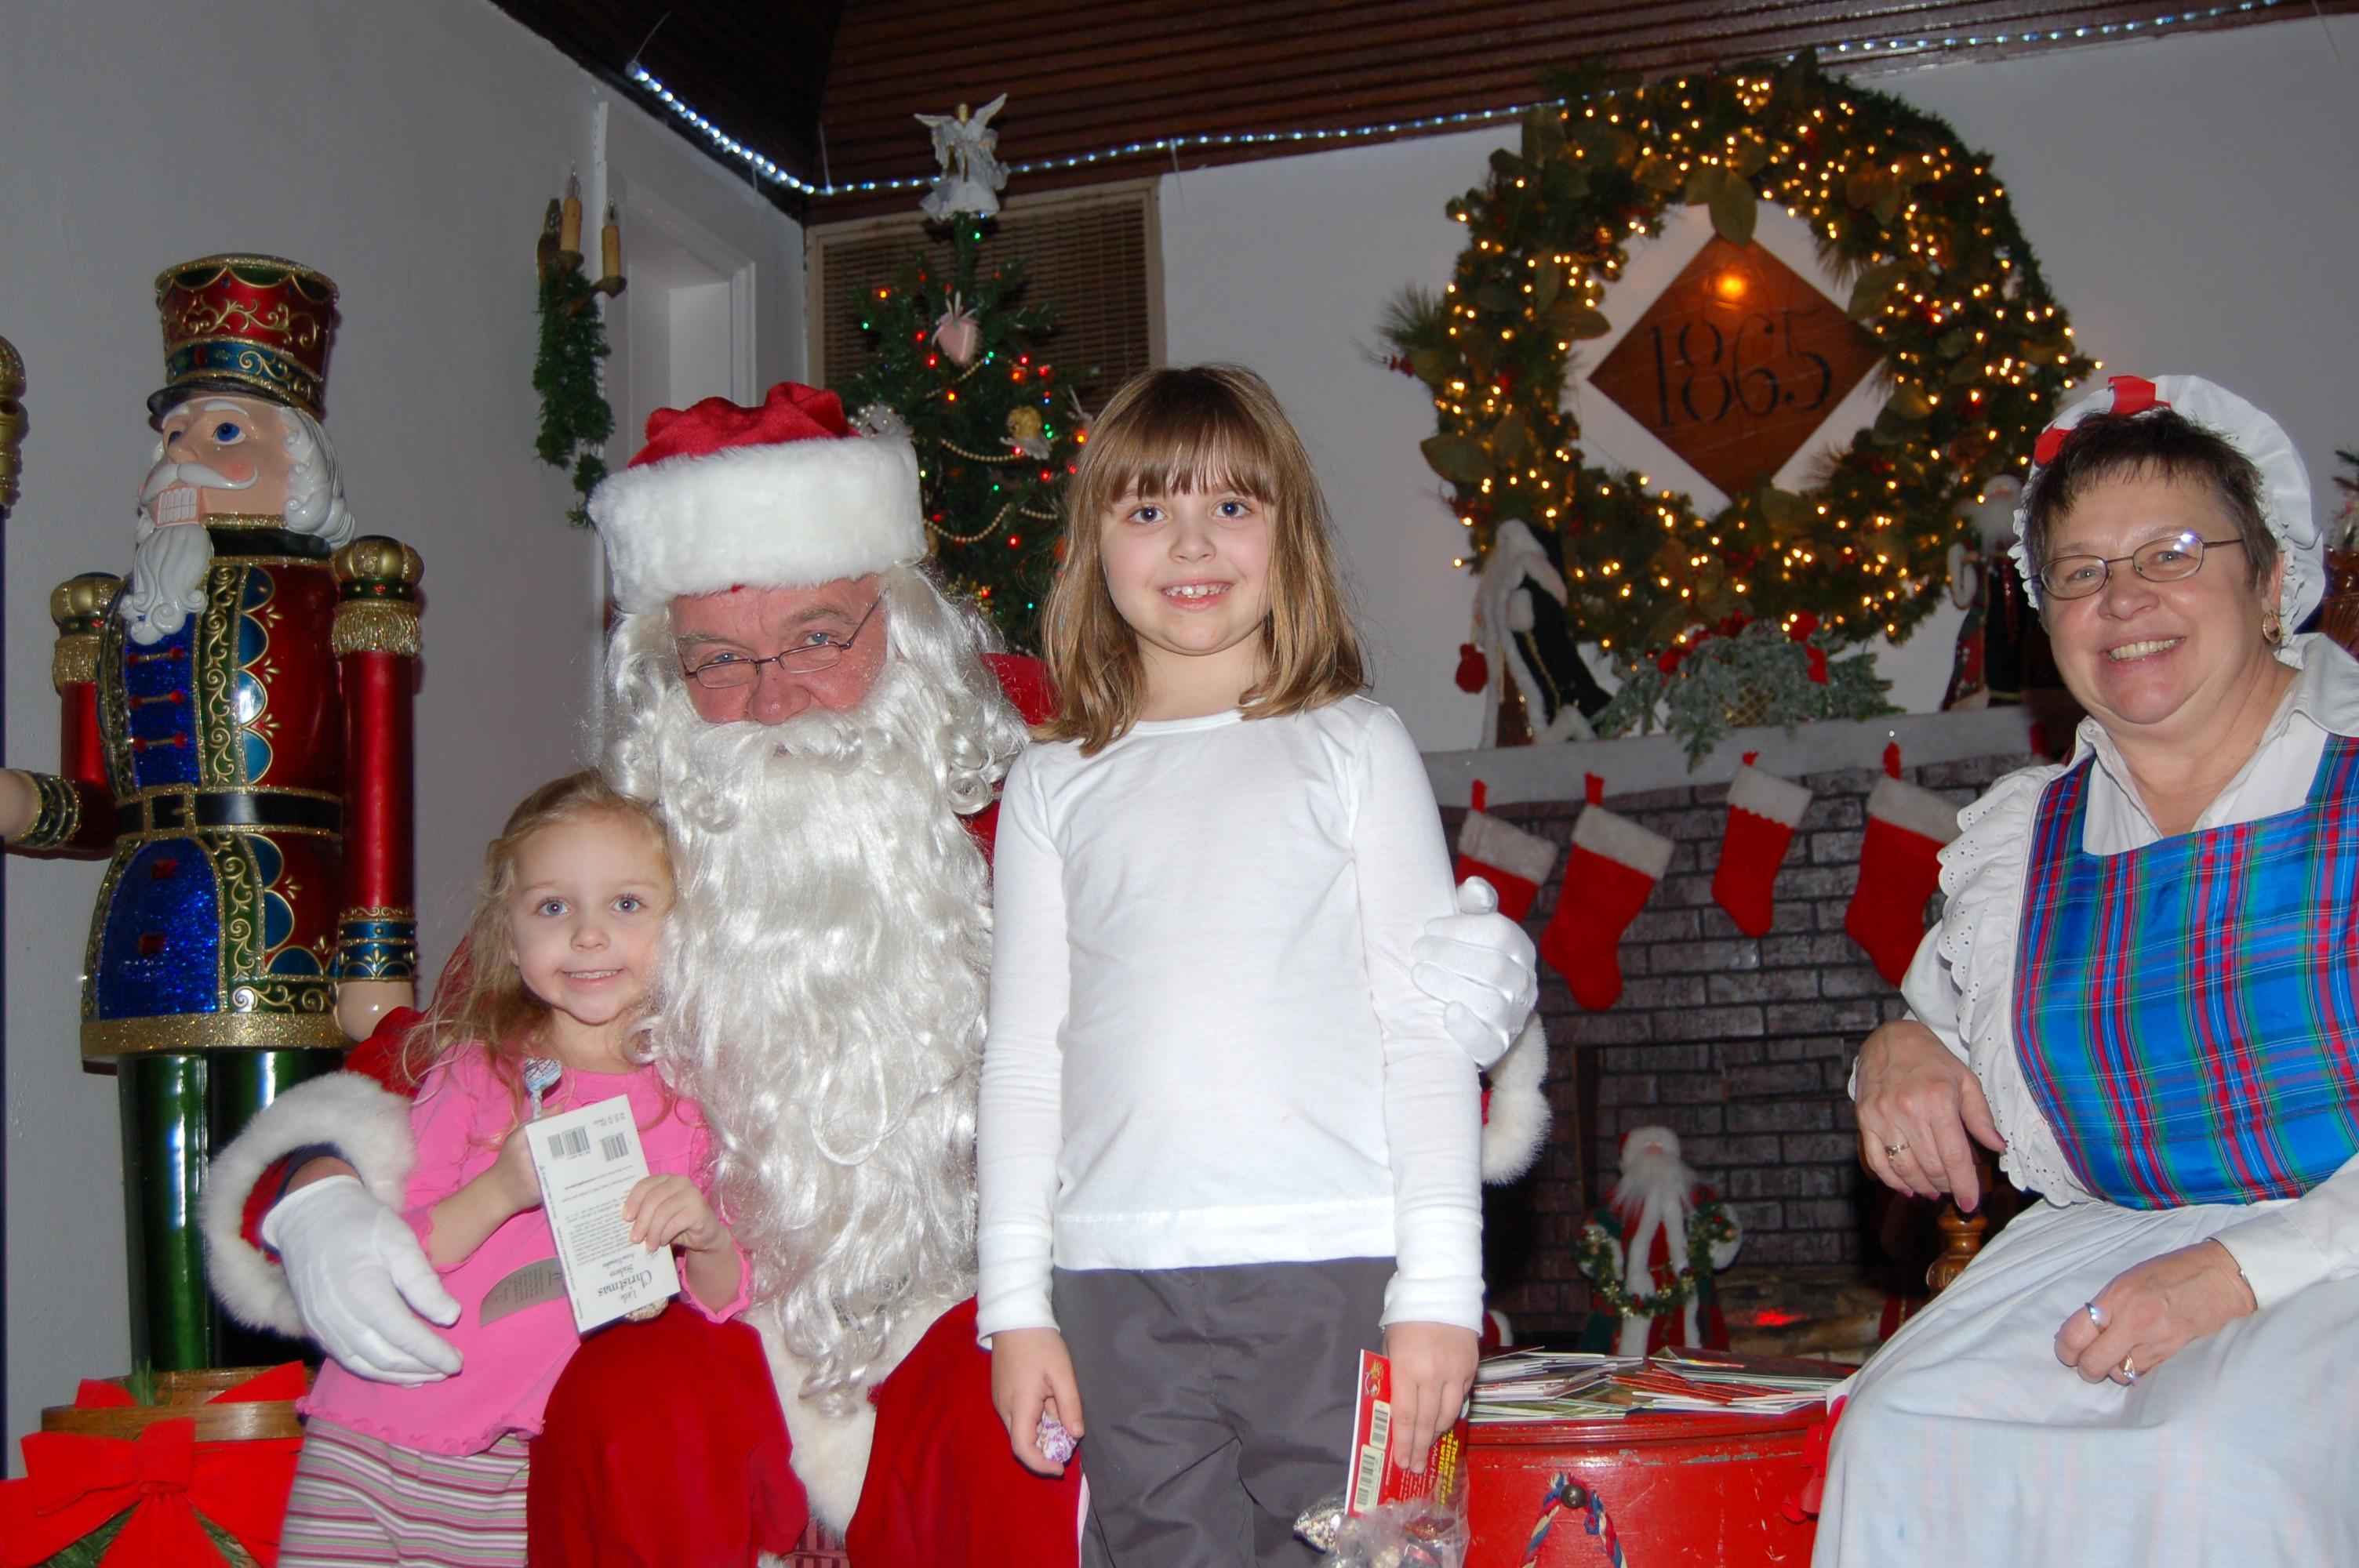 LolliPop+Lane+12-11-2008+Picture+010.jpg